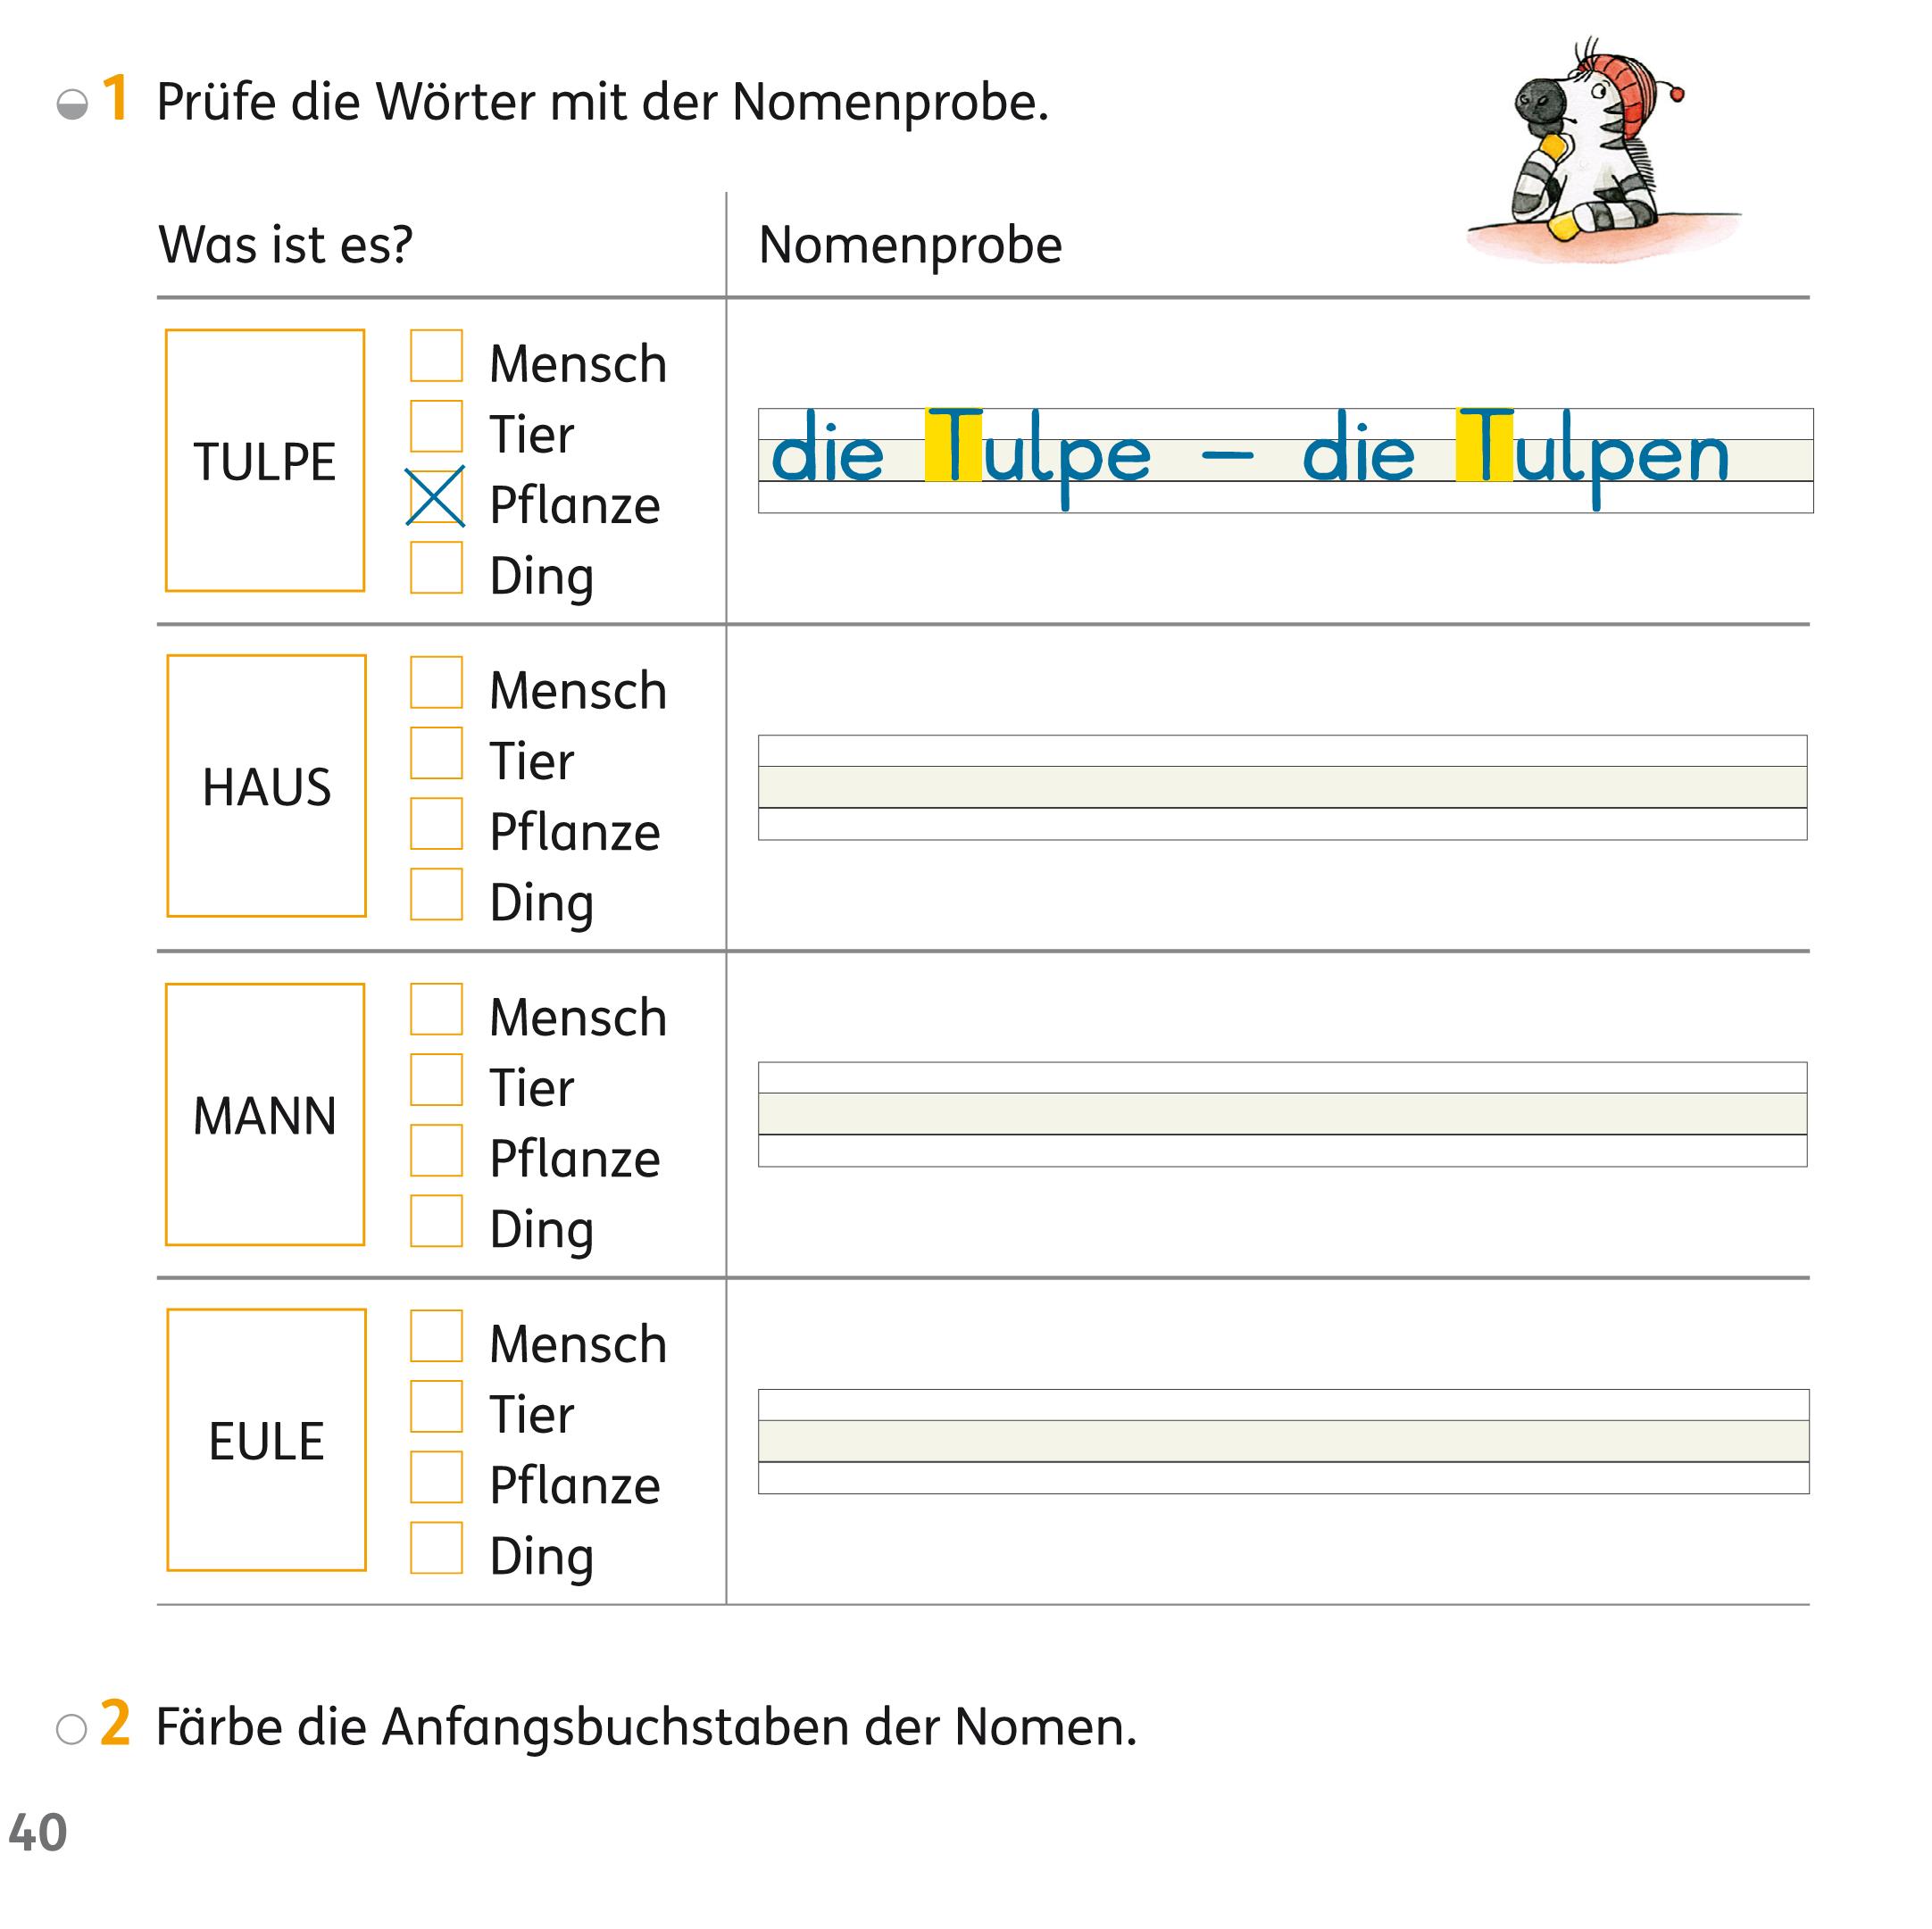 Ein Wortartenplakat zu Nomen / Substantiven von Franz Zebra ...